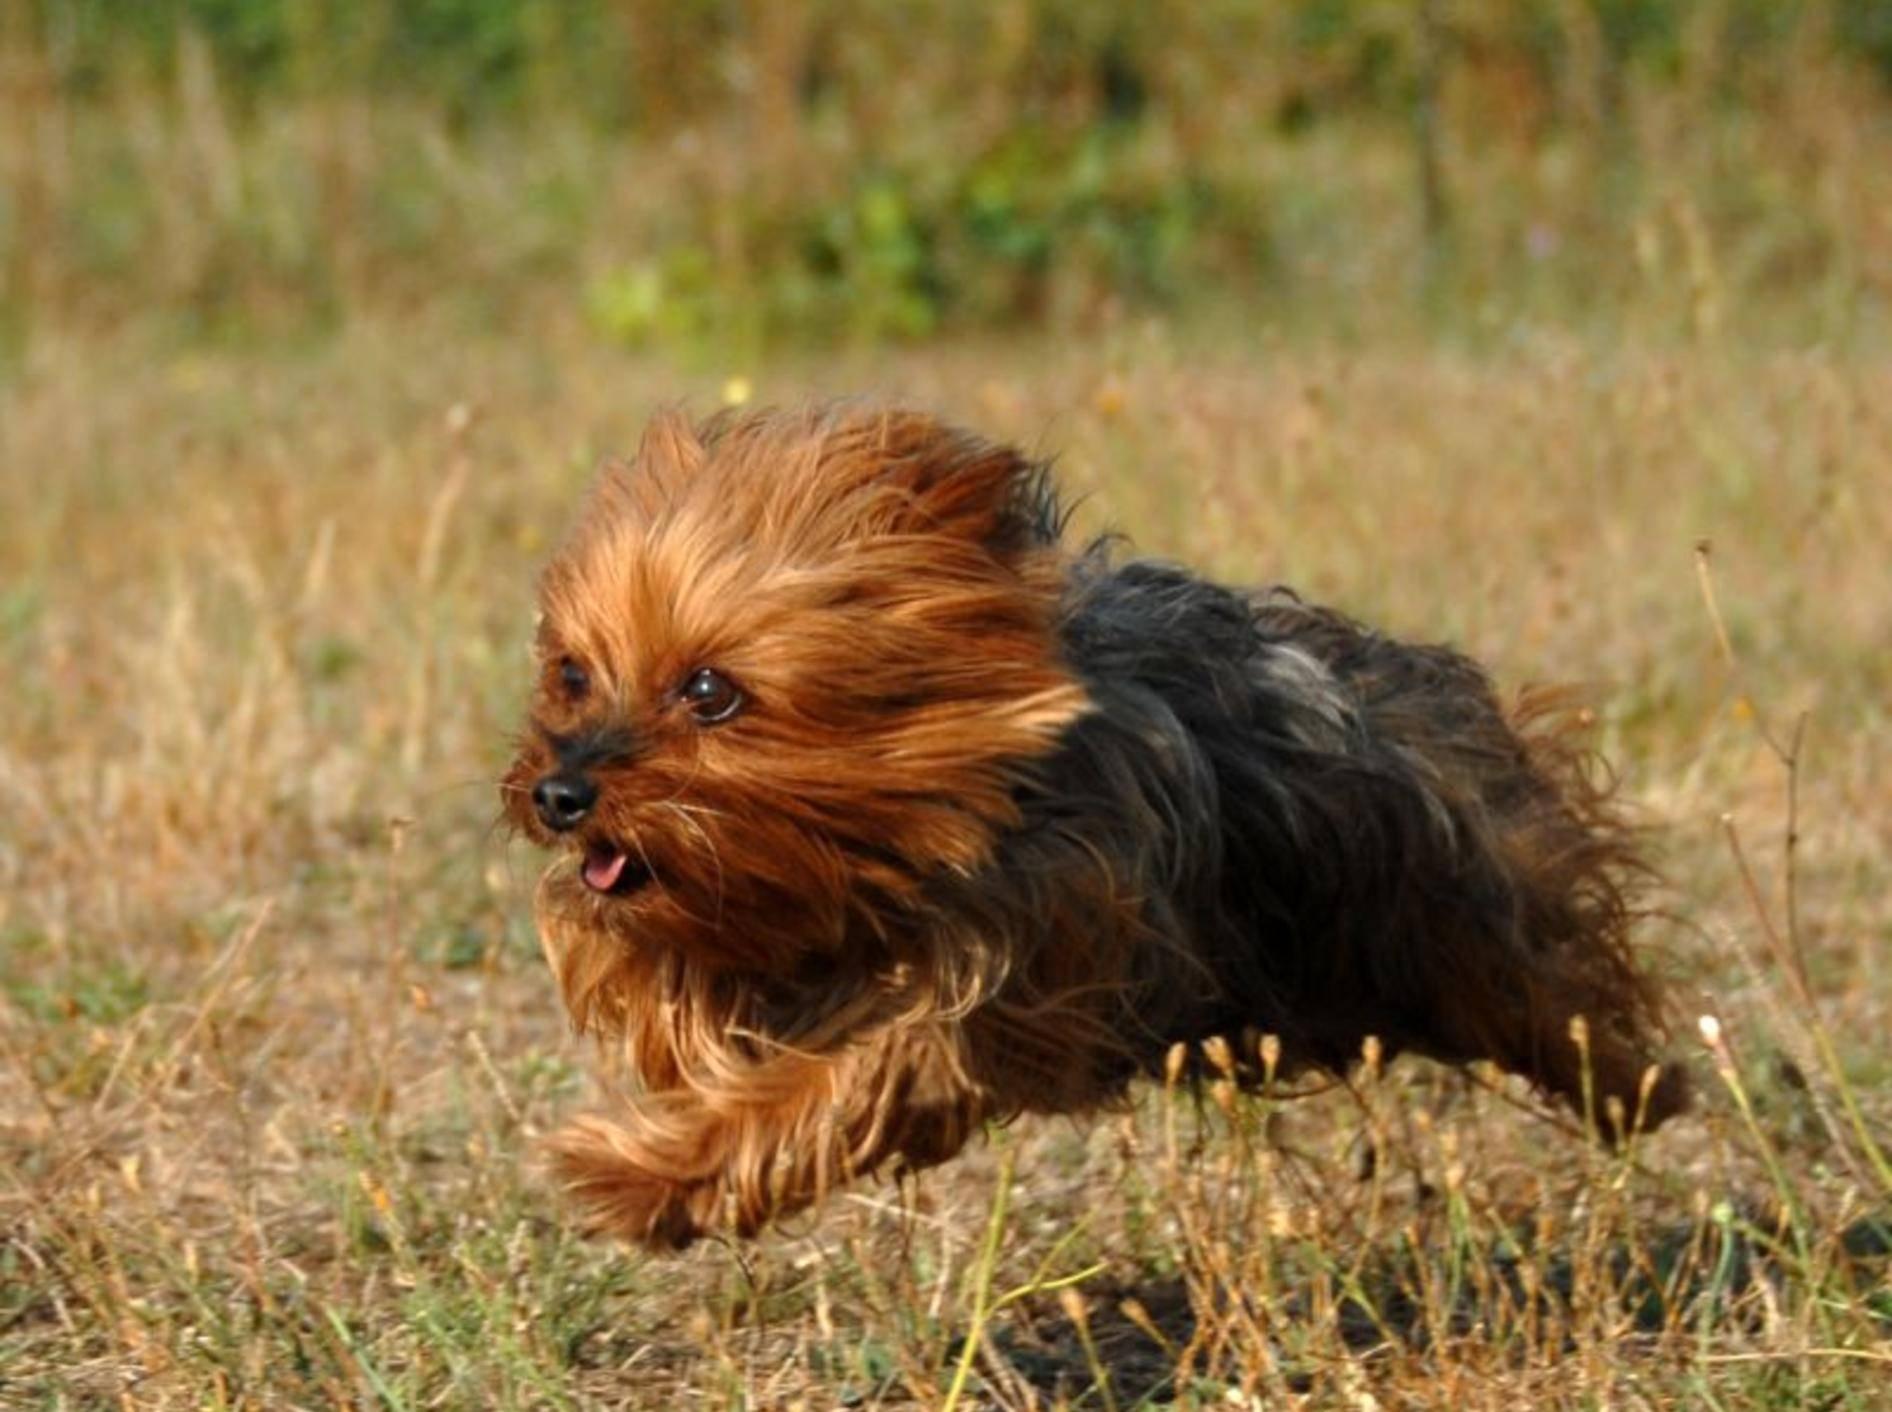 Der Yorkshire Terrier braucht eine gute, sorgfältige Erziehung – Bild: Shutterstock / cynoclub